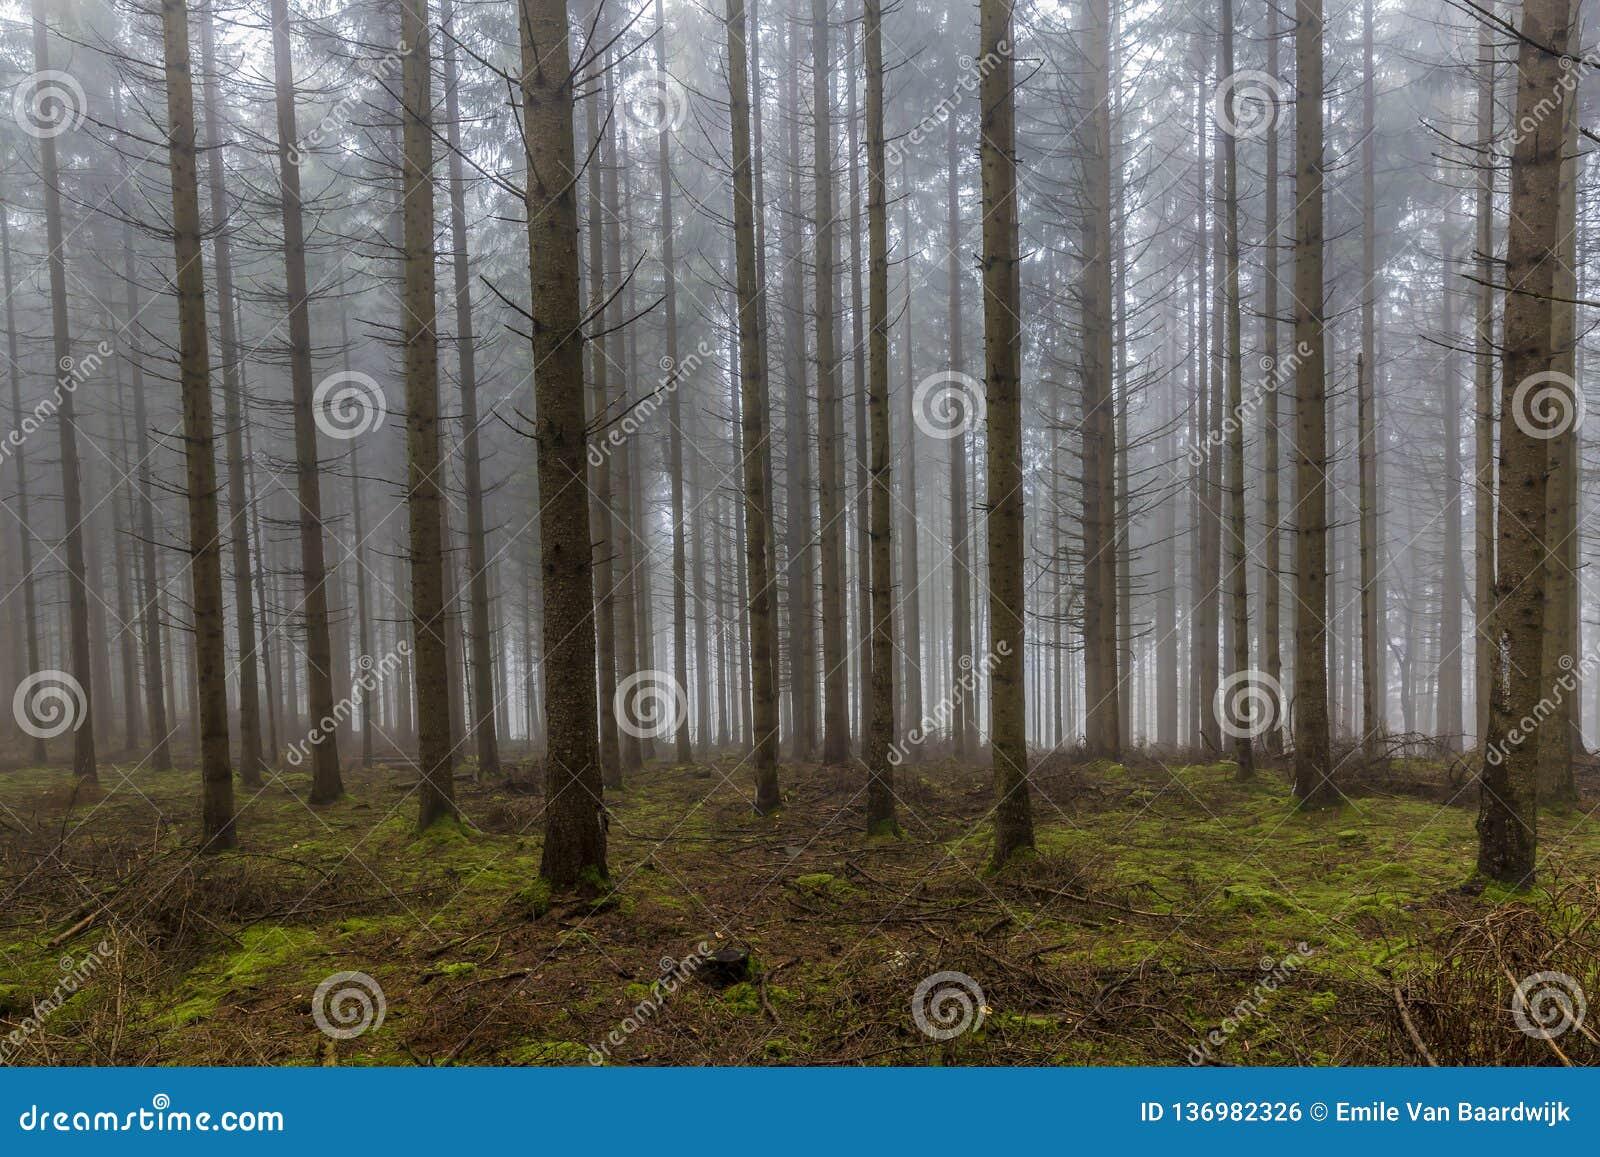 Изображение высокорослых сосен в лесе с мхом и ветвях на том основании с много туманом